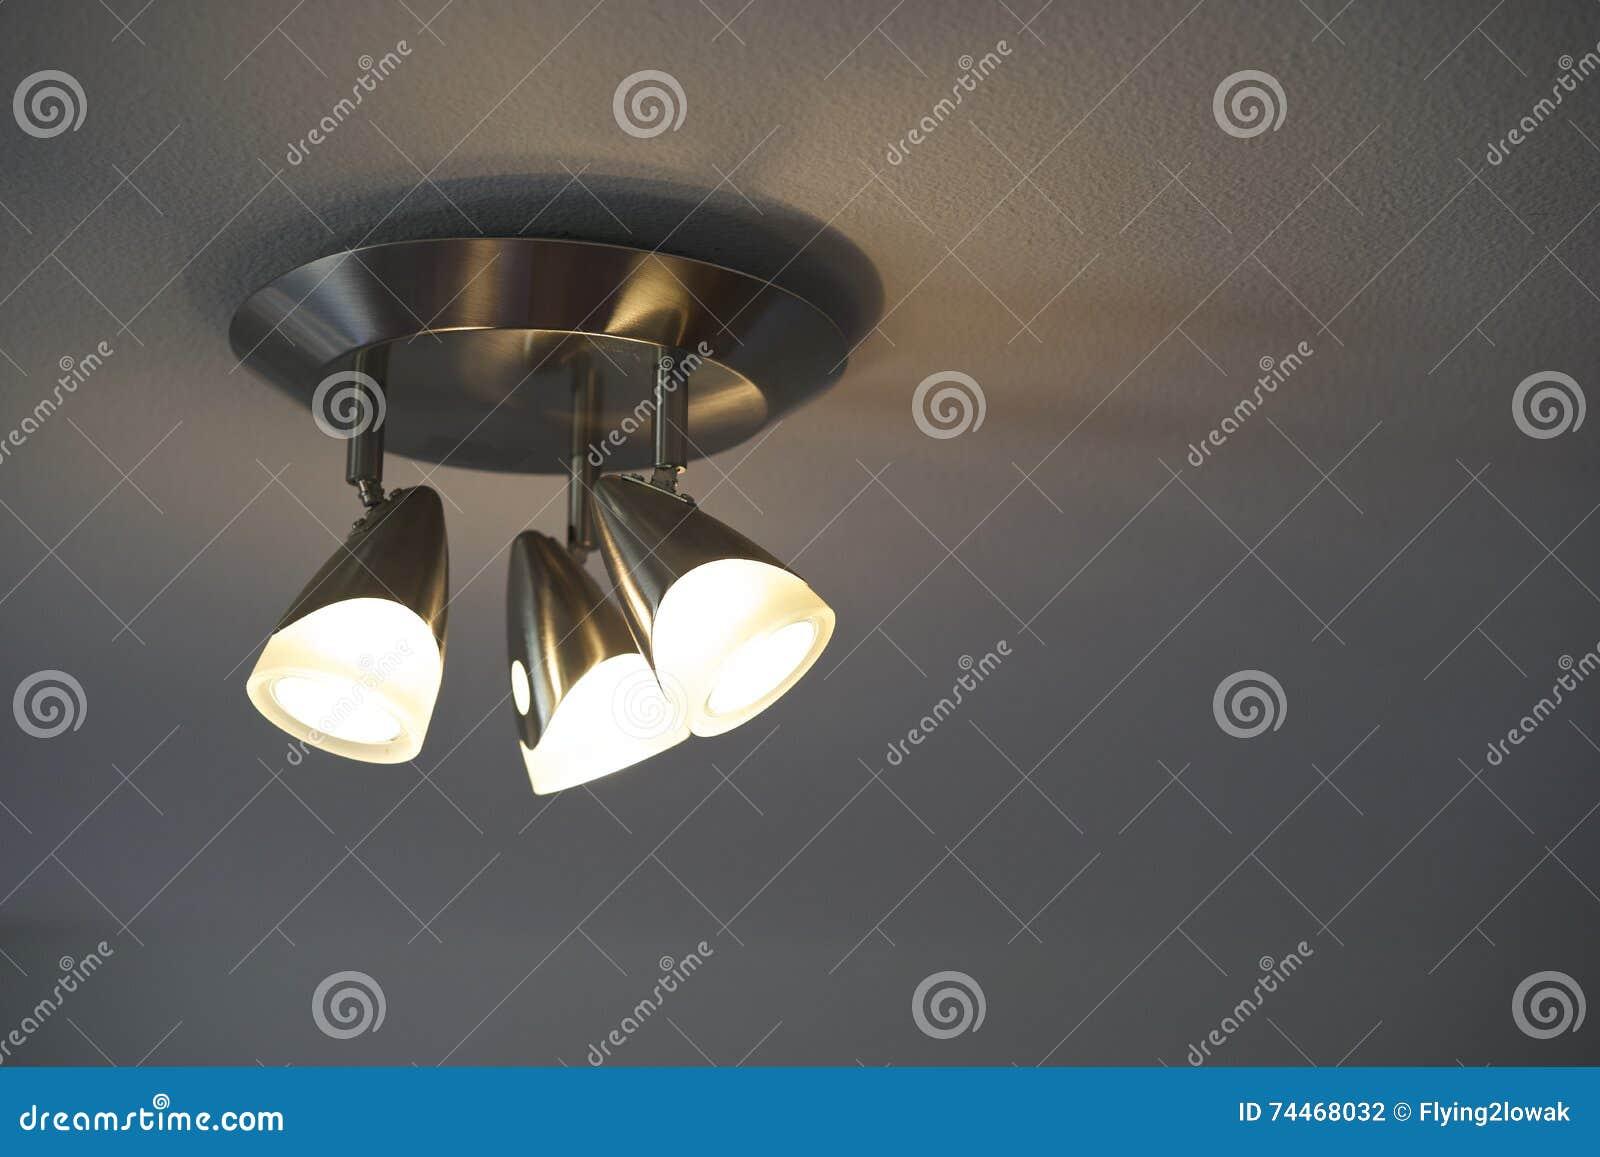 Plafoniera Con Lampada A Vista : Plafoniera con lampade a vista da soffitto illuminazione